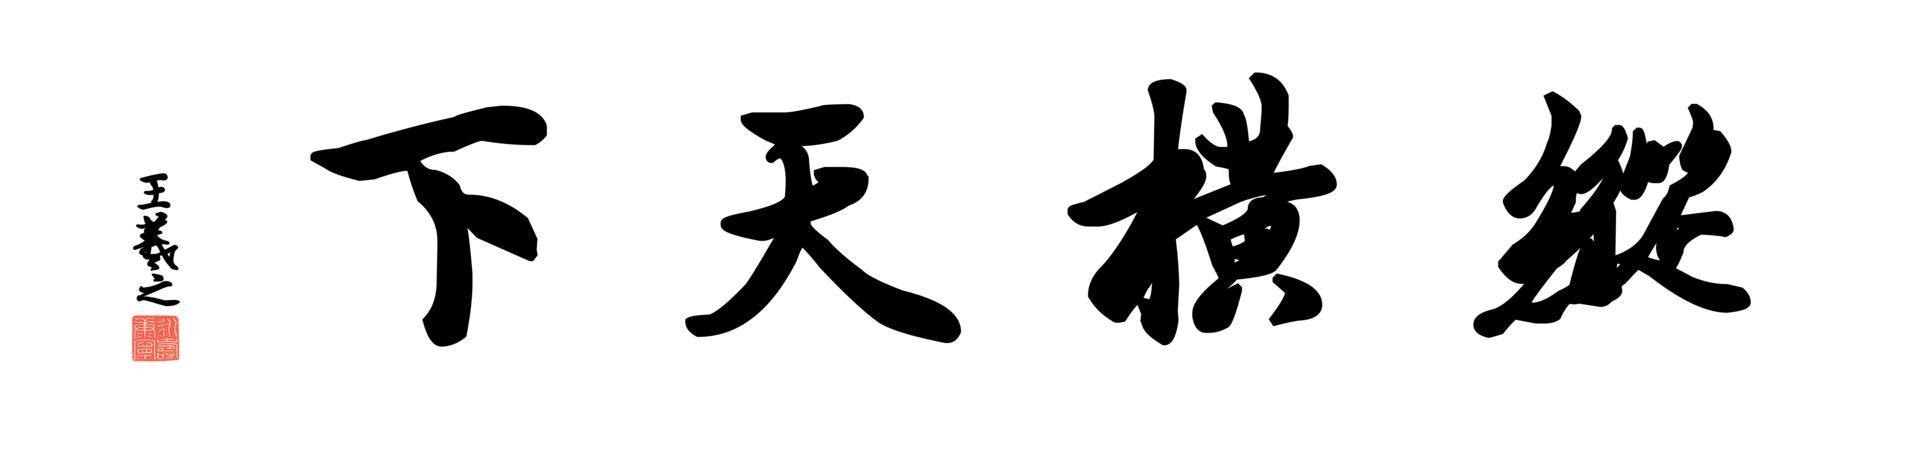 0248_王羲之兰亭体数字书法-四字横幅纵横天下136x33cm_21417x5197PX_TIF_400DPI_326_0